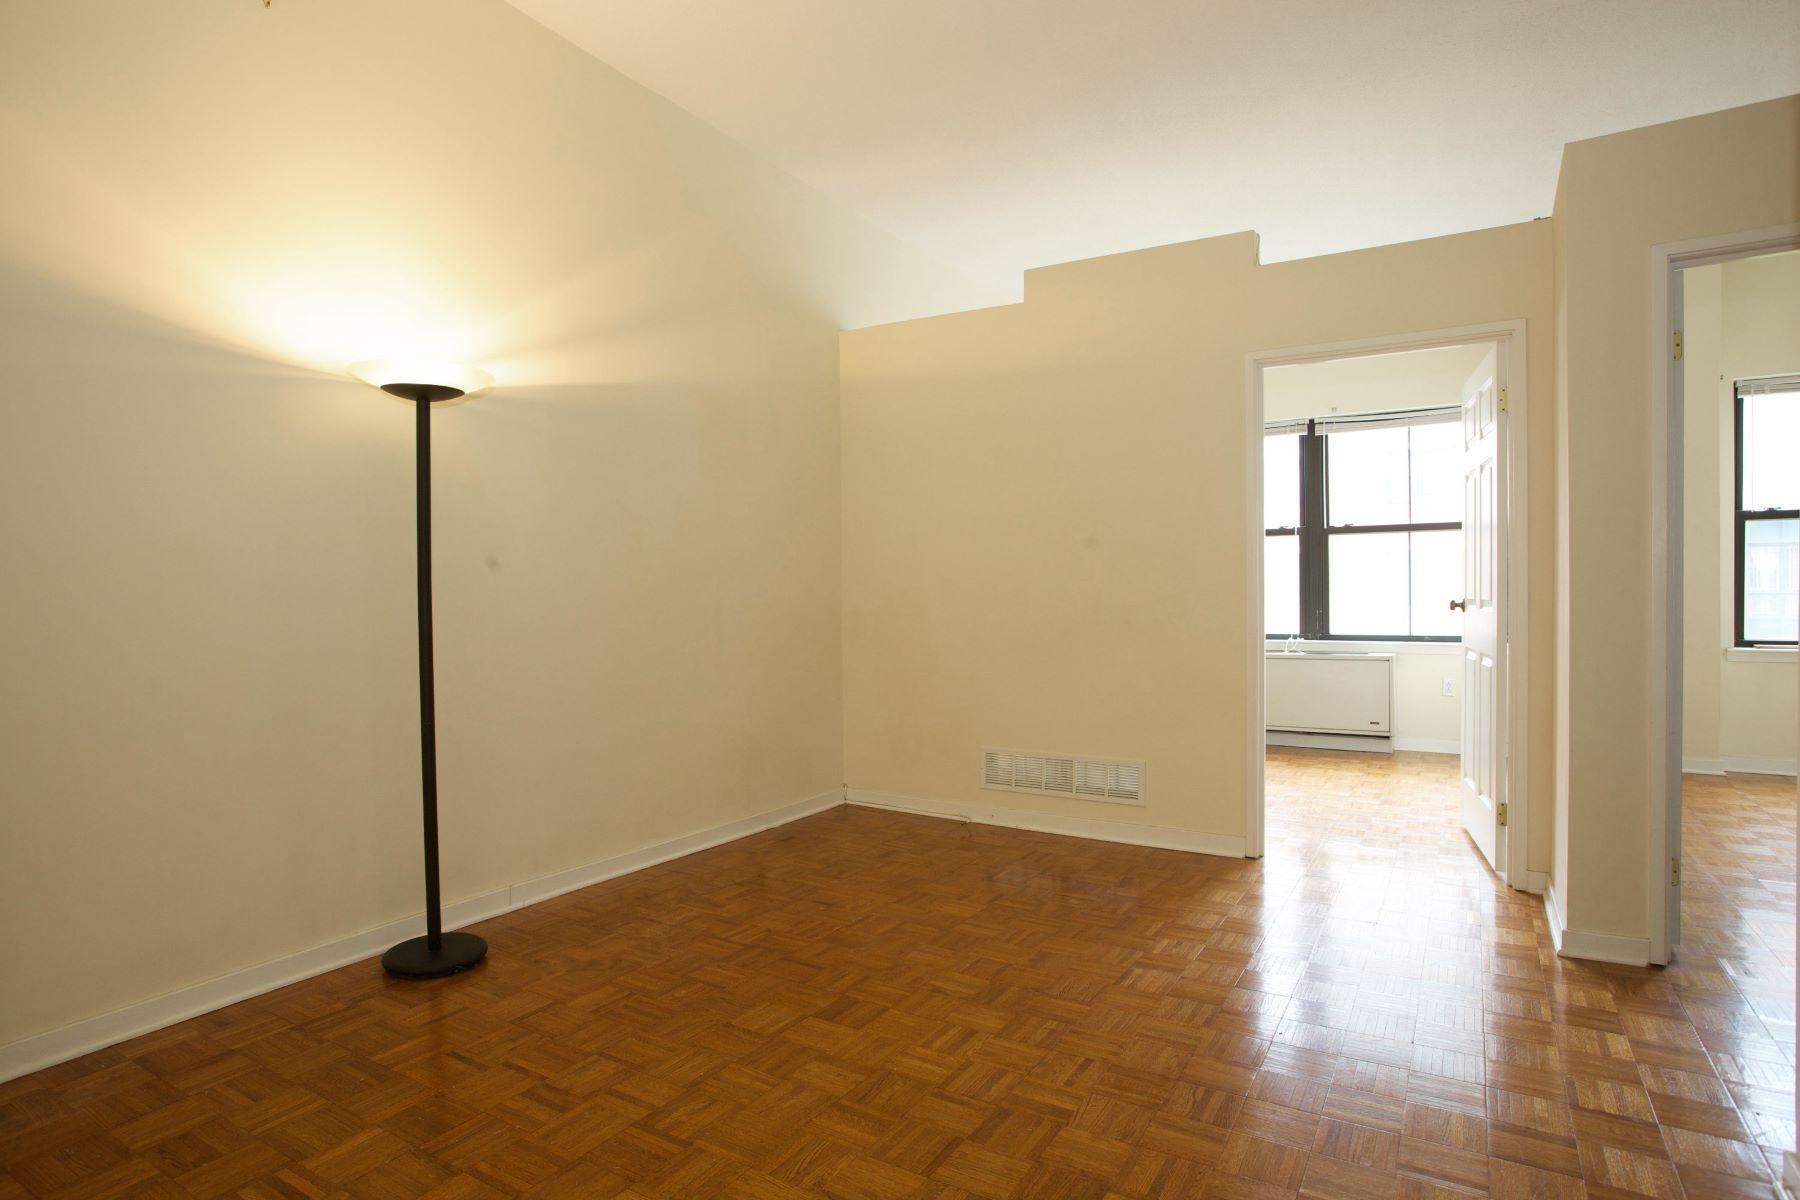 """Кондоминиум для того Аренда на """"Paulus Hook's Hidden Gem! Adorable, Converted 1 Bedroom Plus Parking"""" 1 Greene Street #310 Jersey City, Нью-Джерси 07302 Соединенные Штаты"""